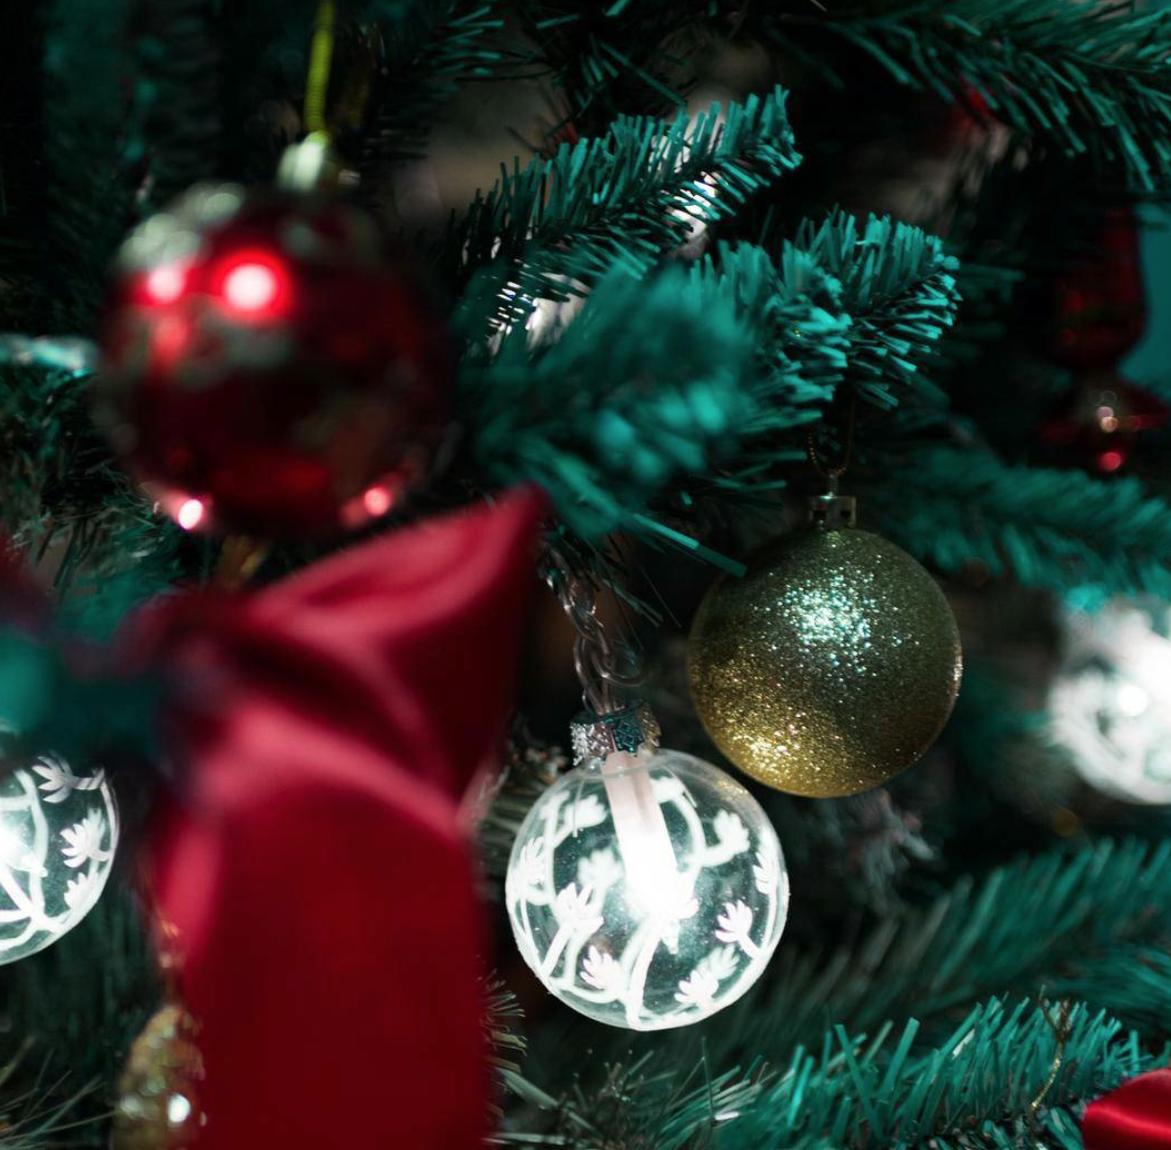 Blagdanski filmovi koje morate pogledati ovog Božića